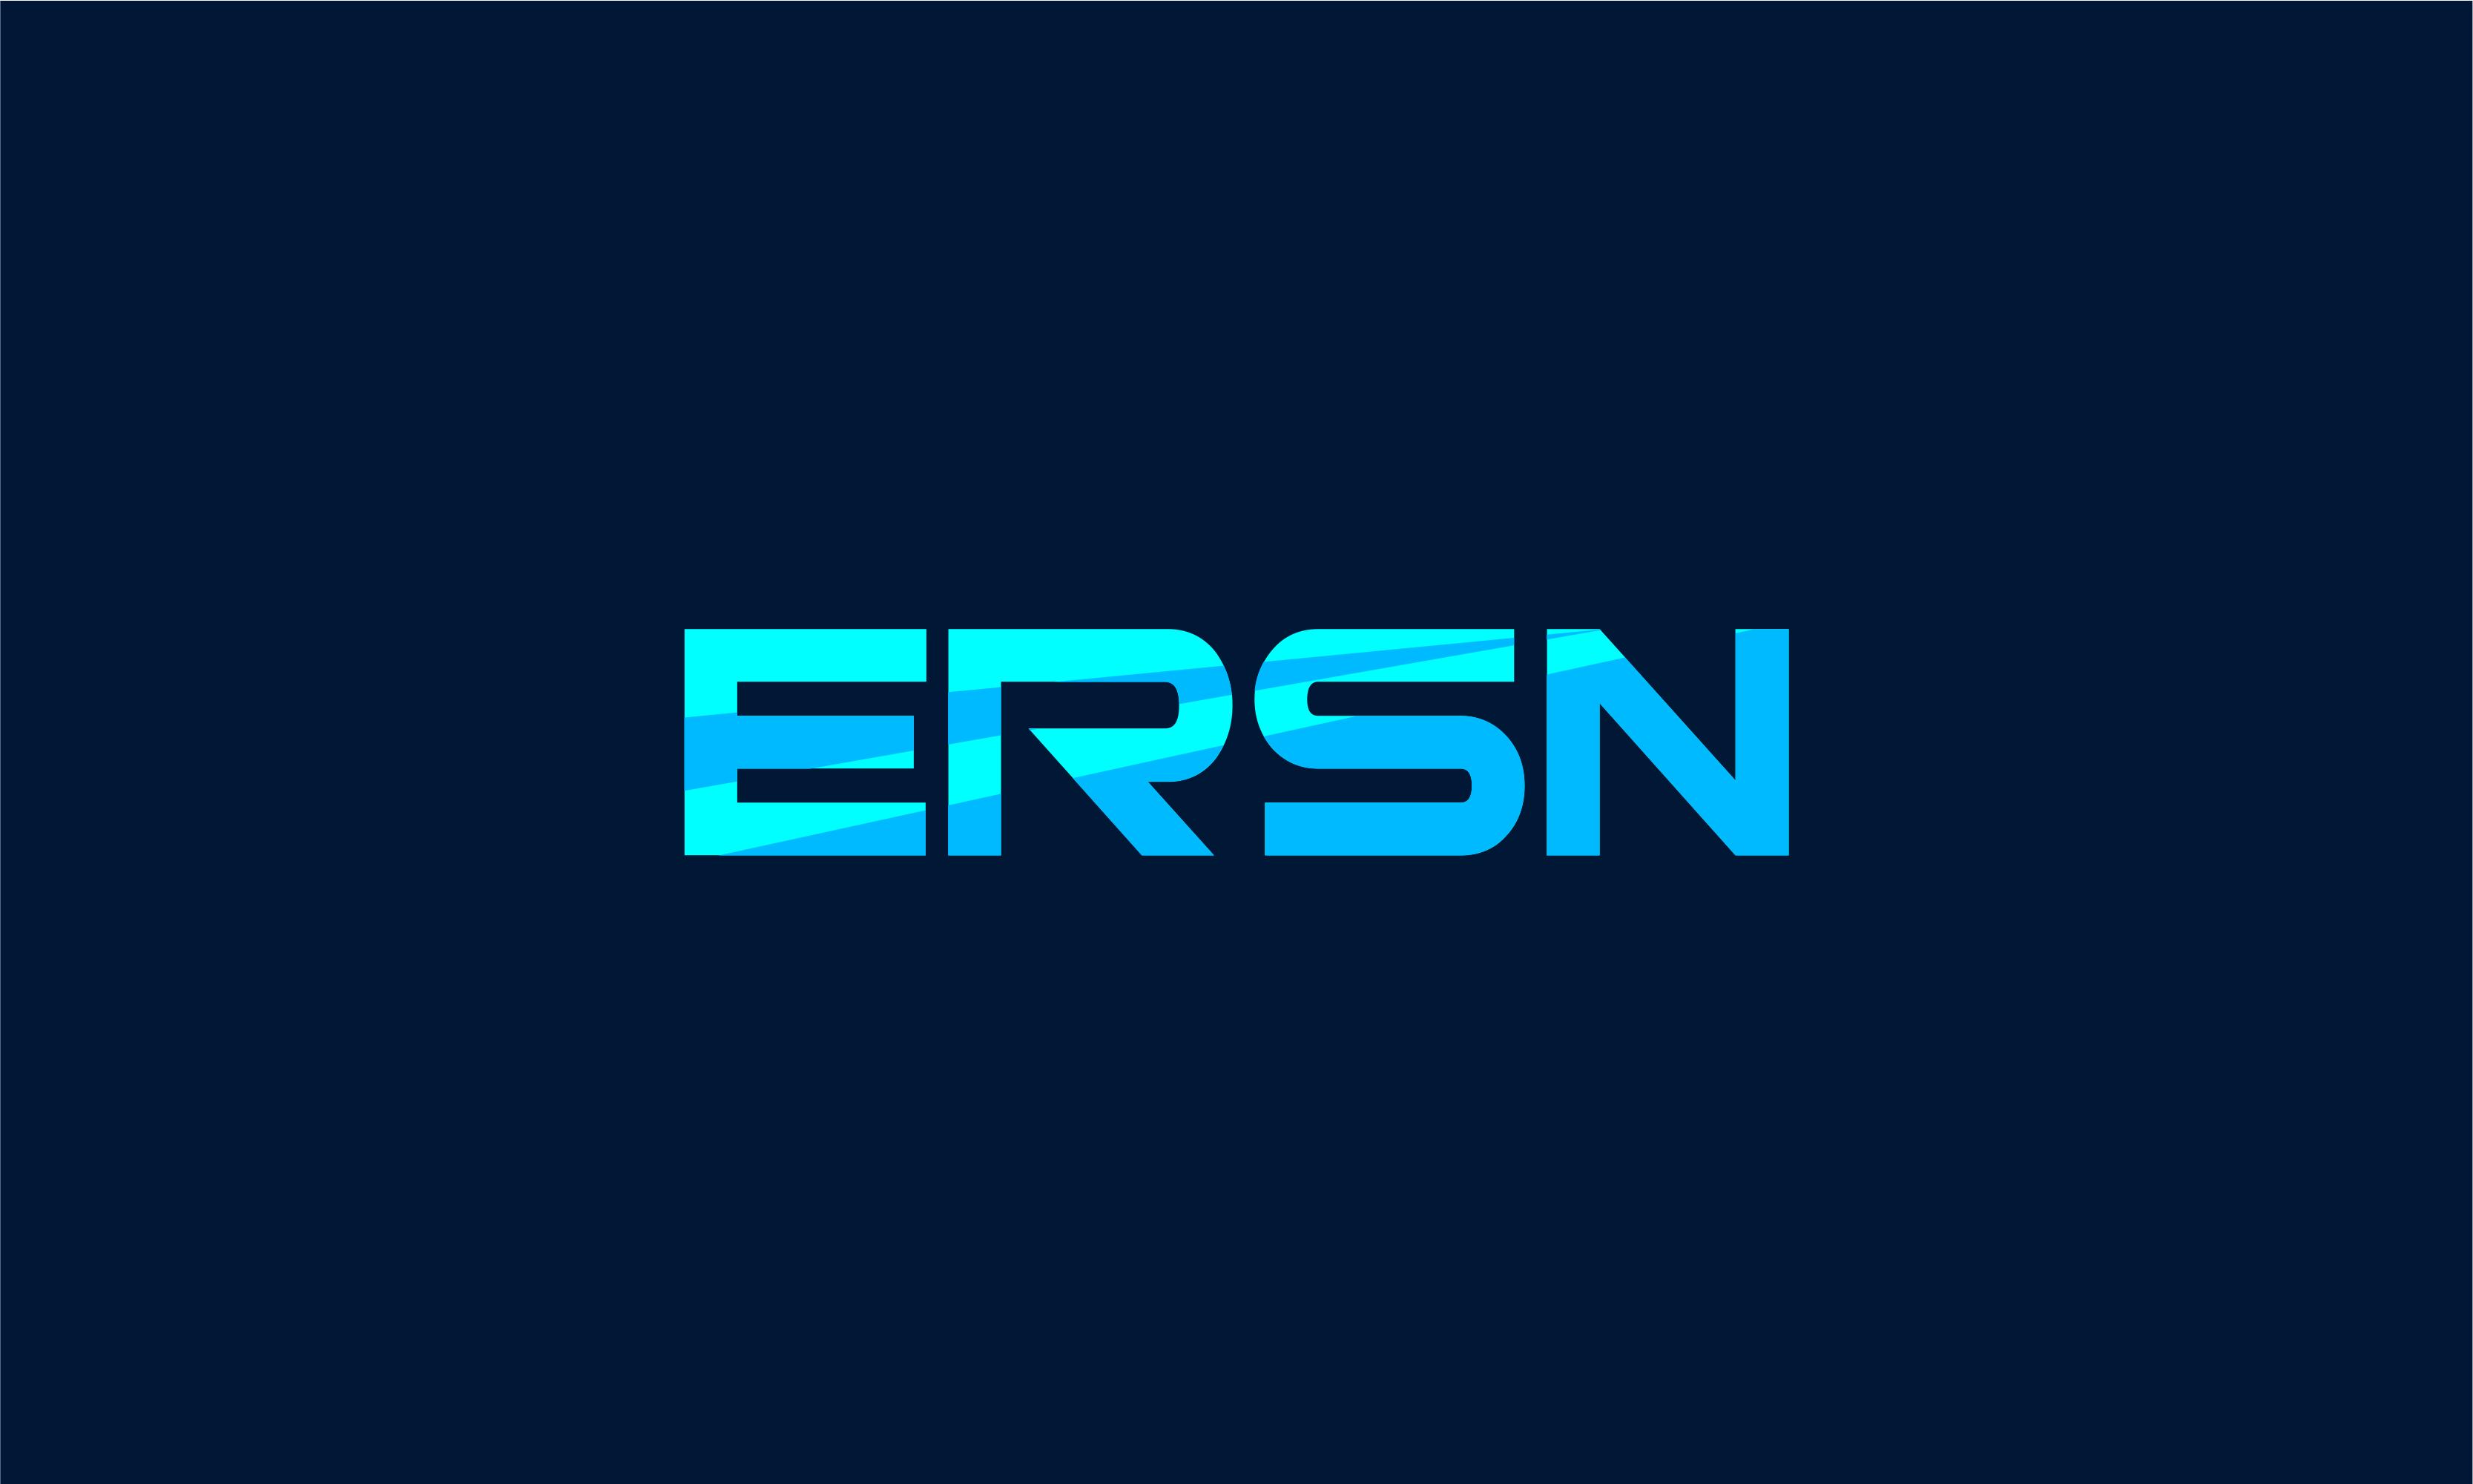 ersn.com